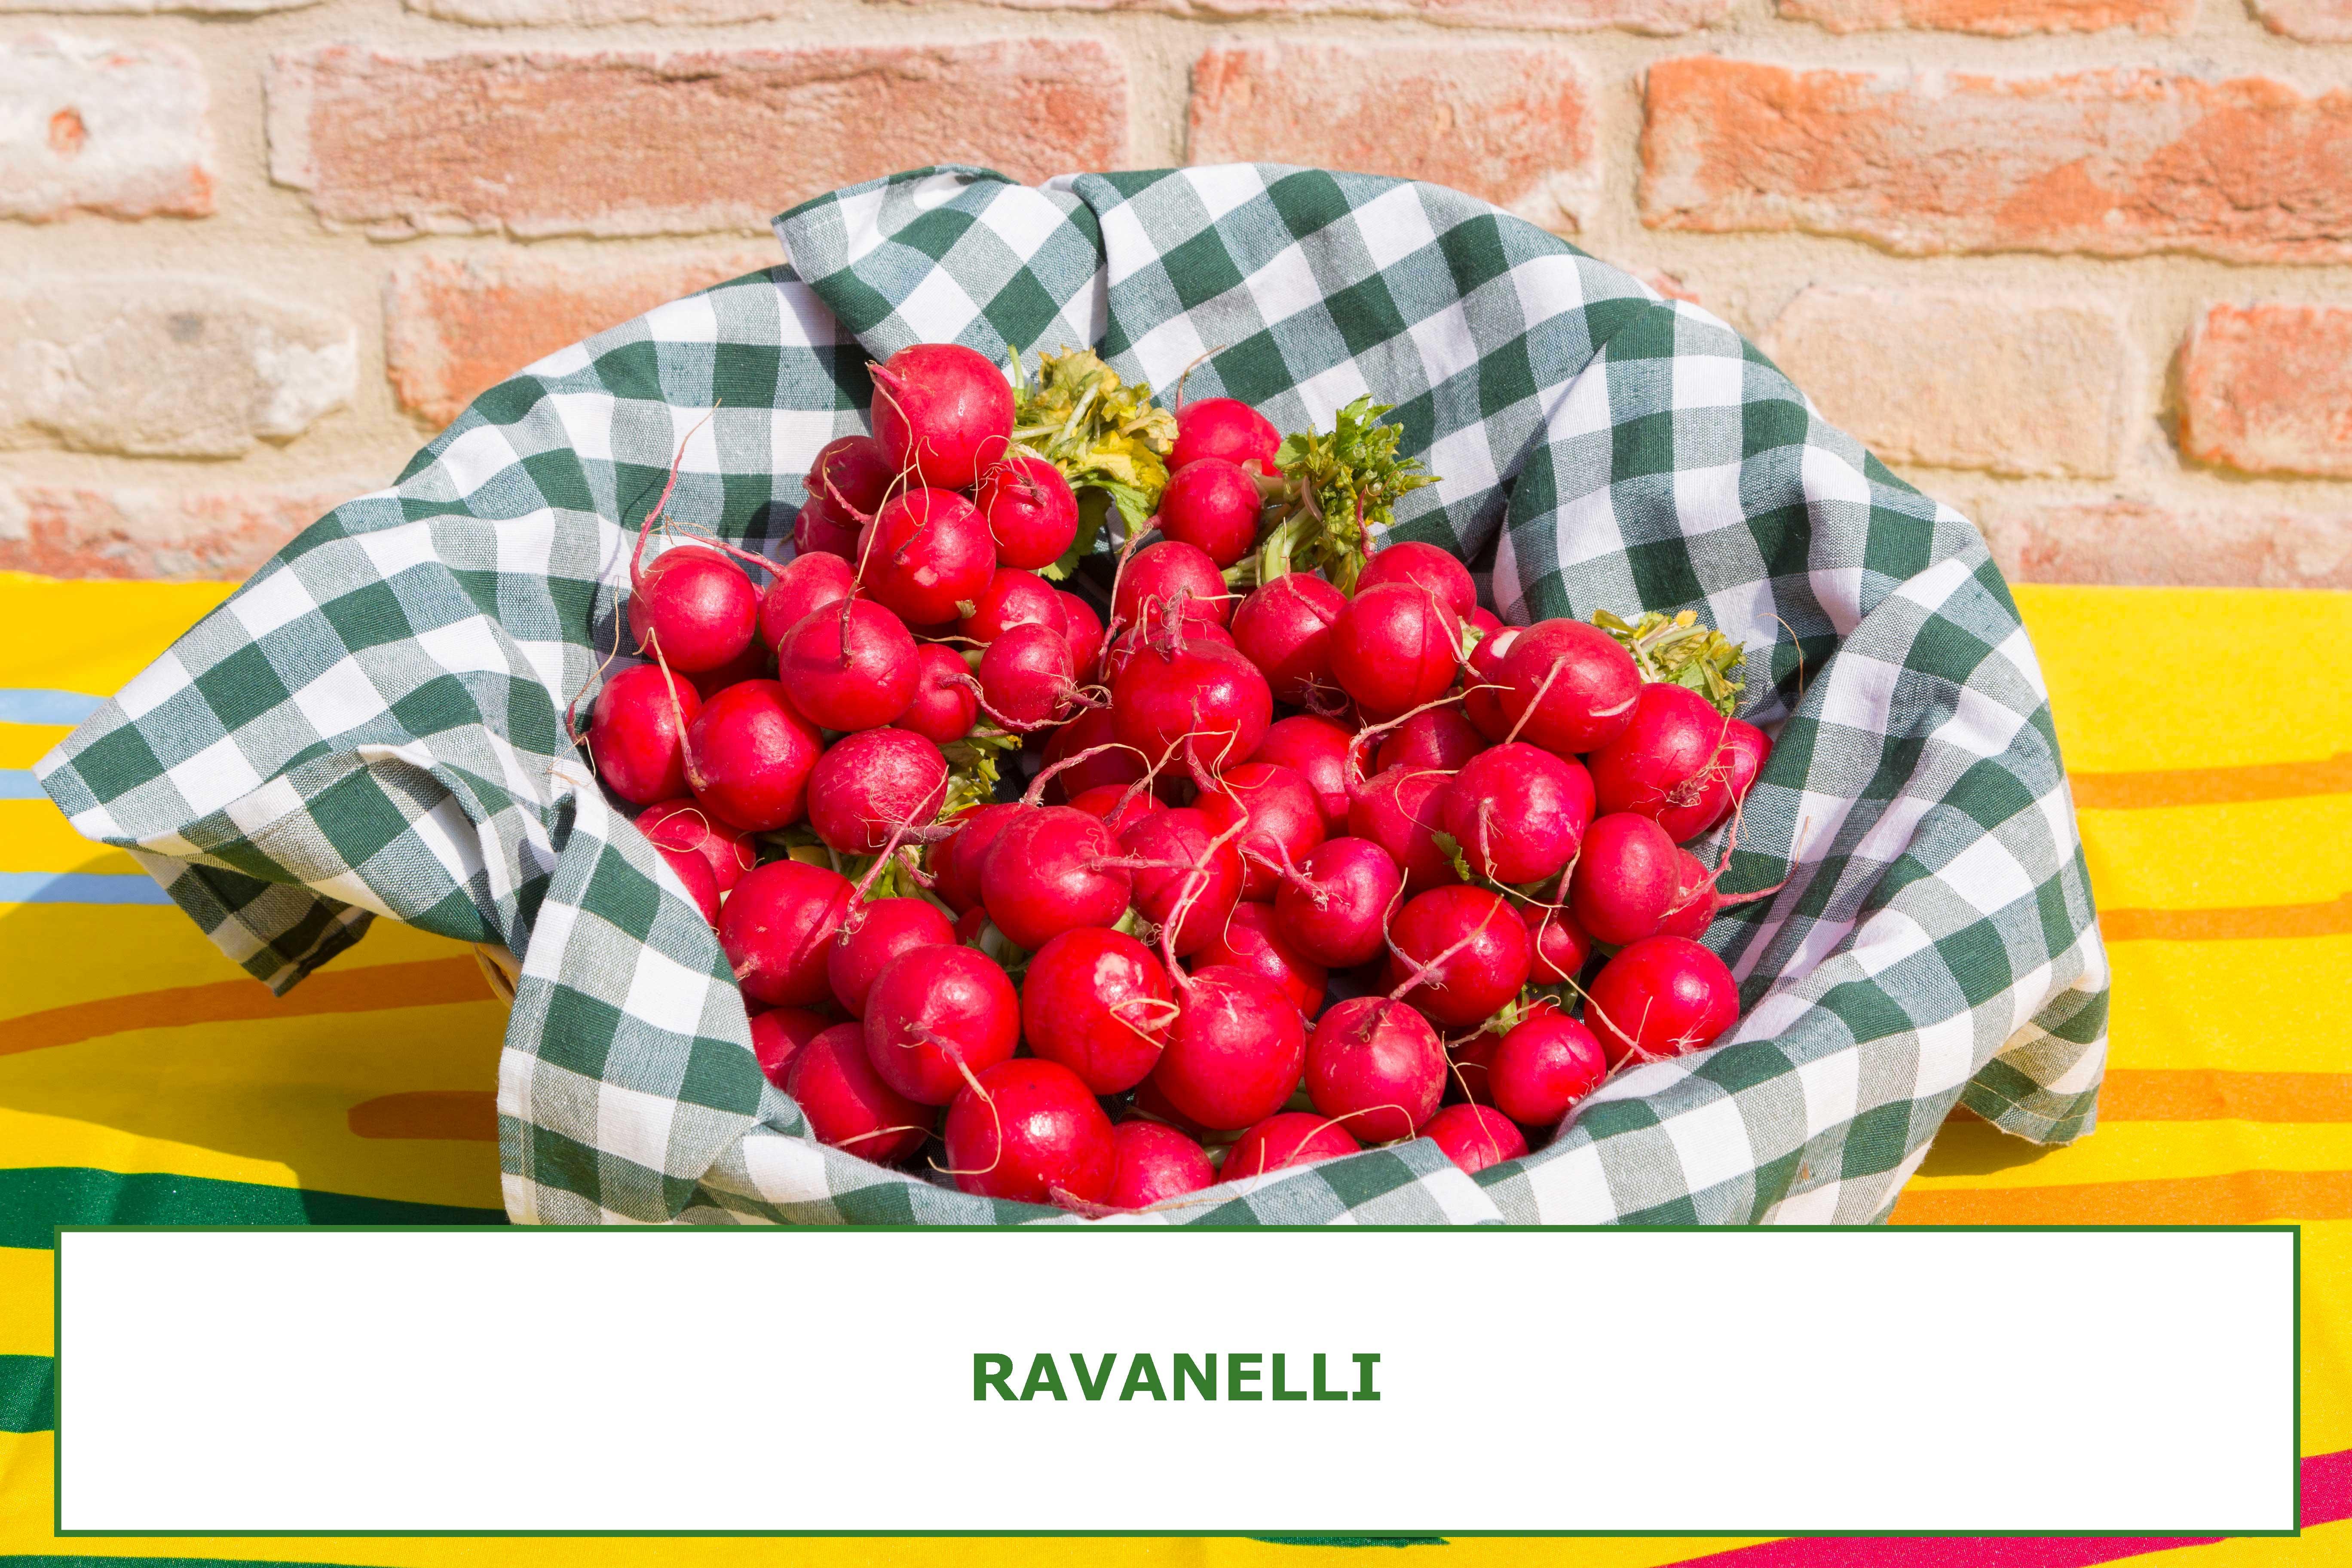 RAVANELLI